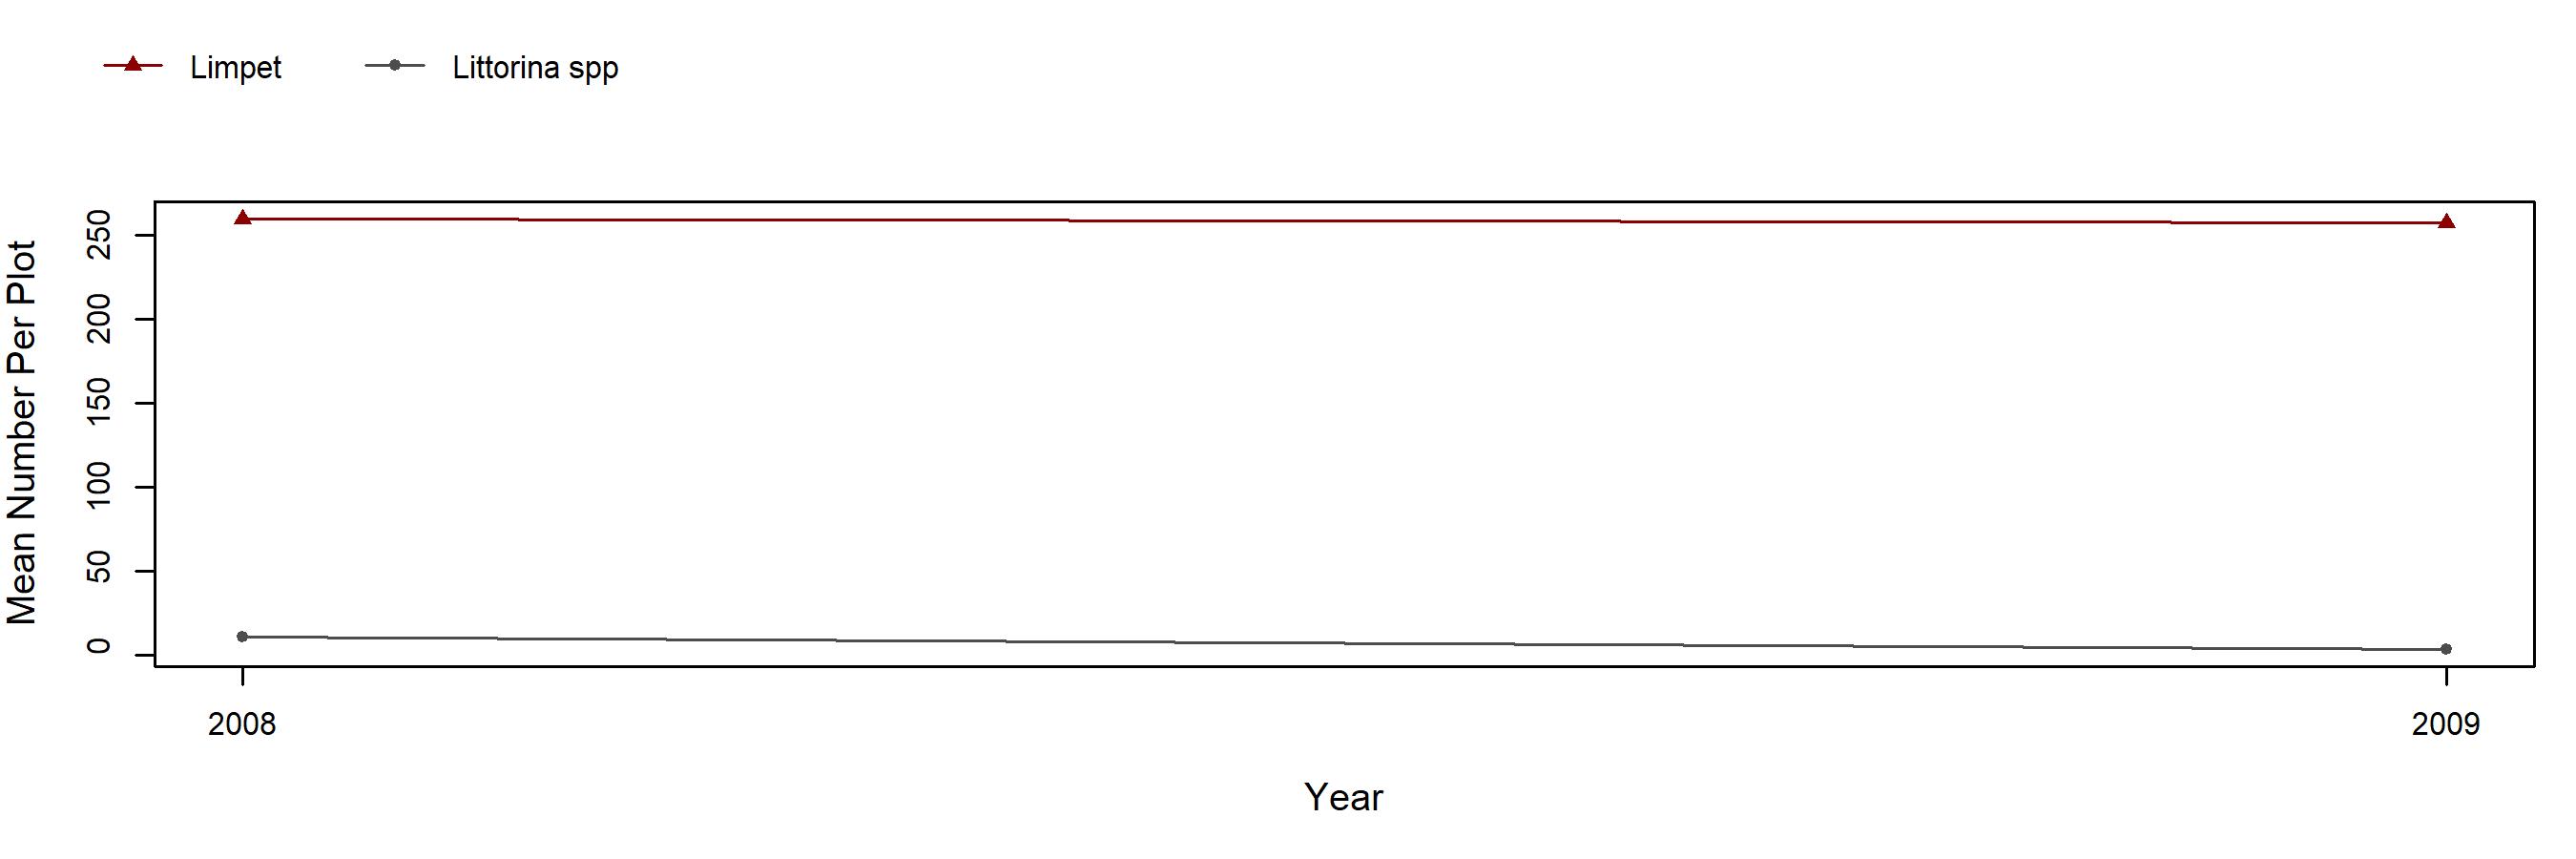 Garrapata Endocladia trend plot